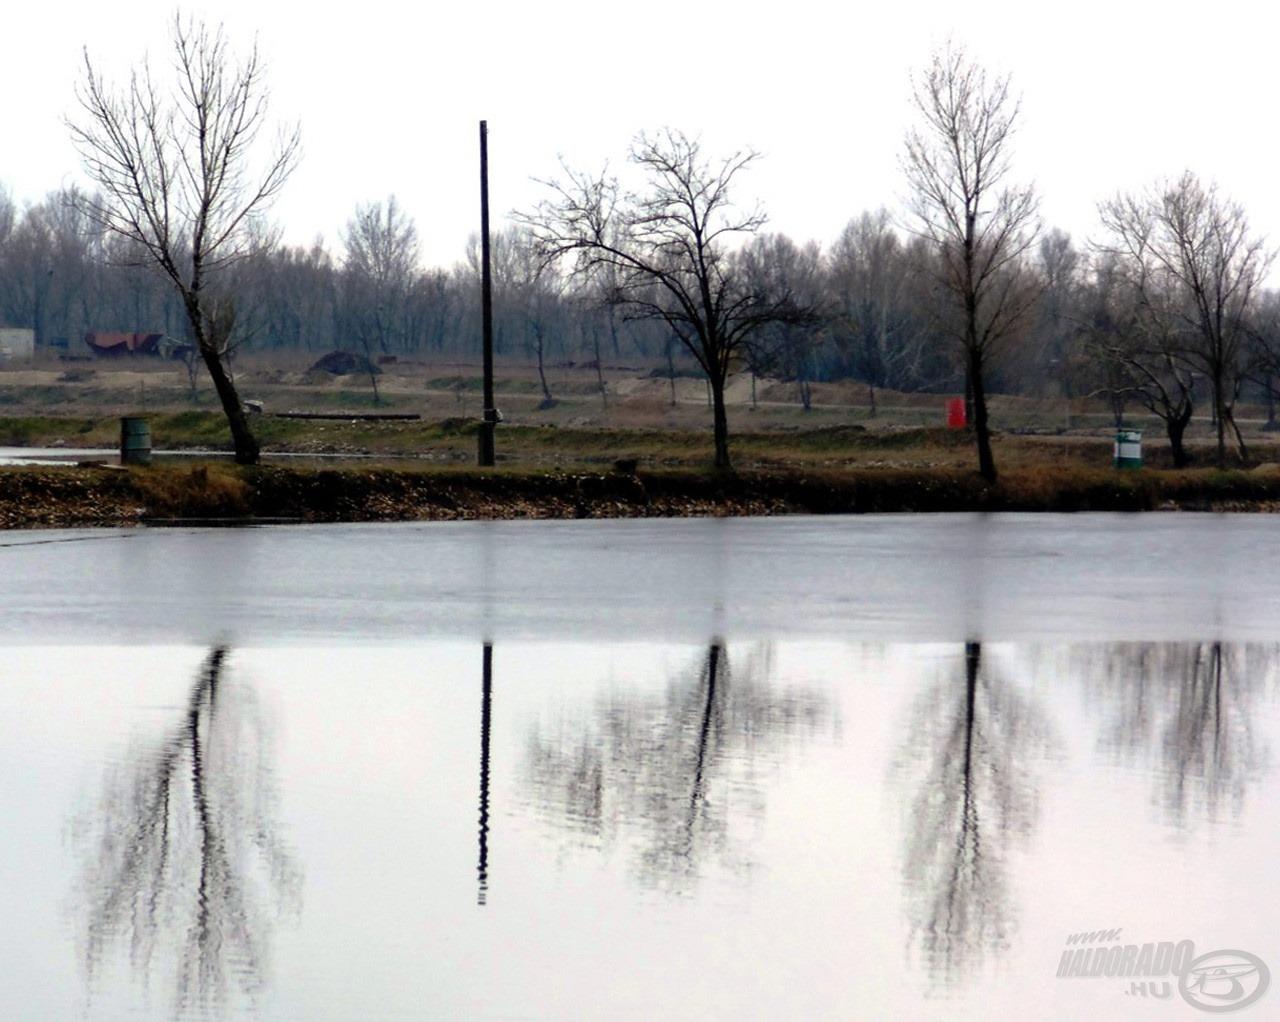 És íme, az indok, amiért nem vagyok szomorú, hogy csak apróságok jutottak aznap nekem: a tó hátsó része még jég alatt raboskodik, ahogy a többi víz is a környéken. Ezért is írtam az elején, hogy kész csoda, hogy egyáltalán horgászhattam aznap